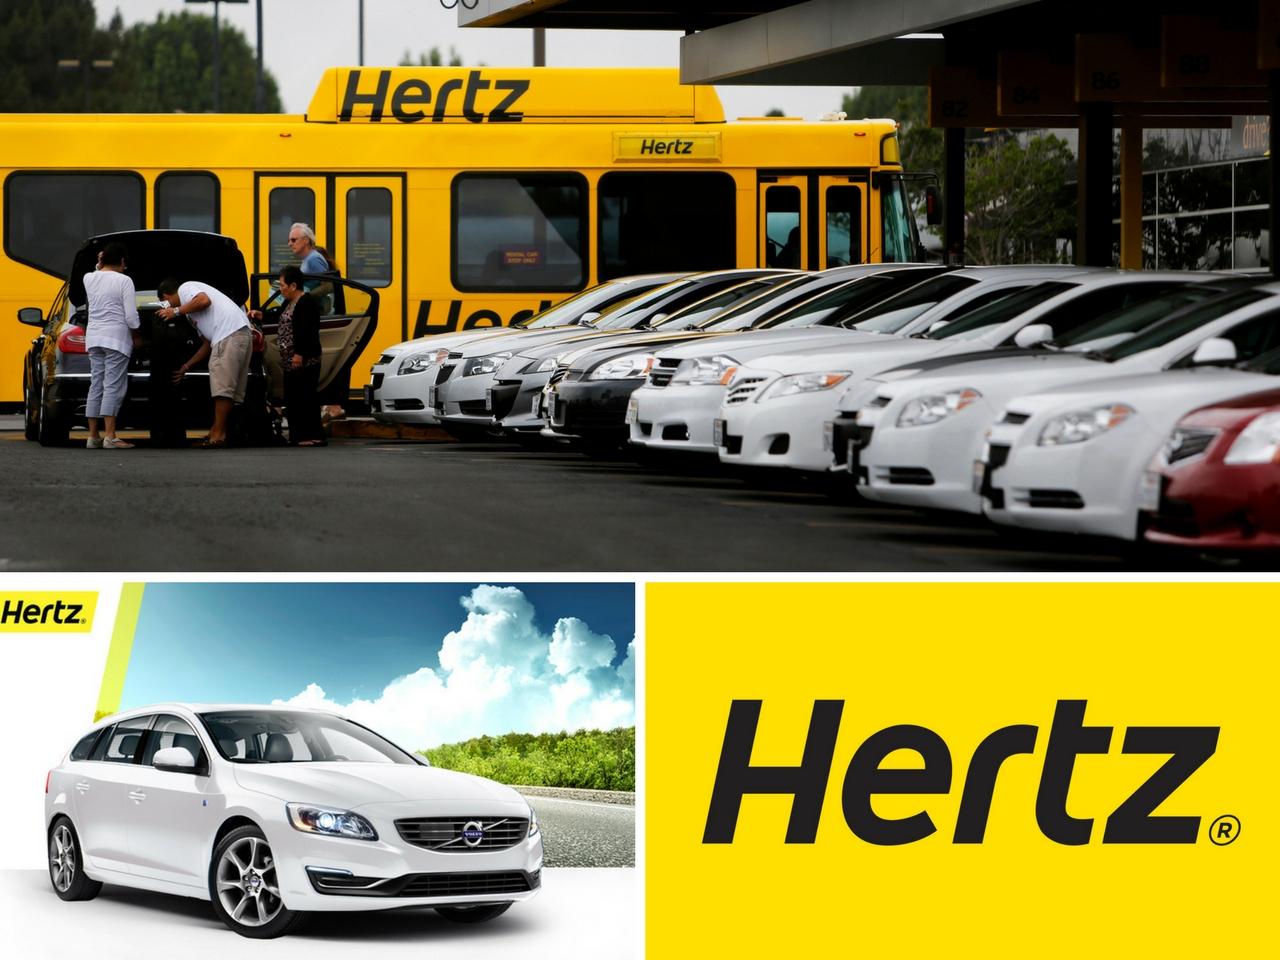 Empresas de alquiler de coches - Alquiler de coches